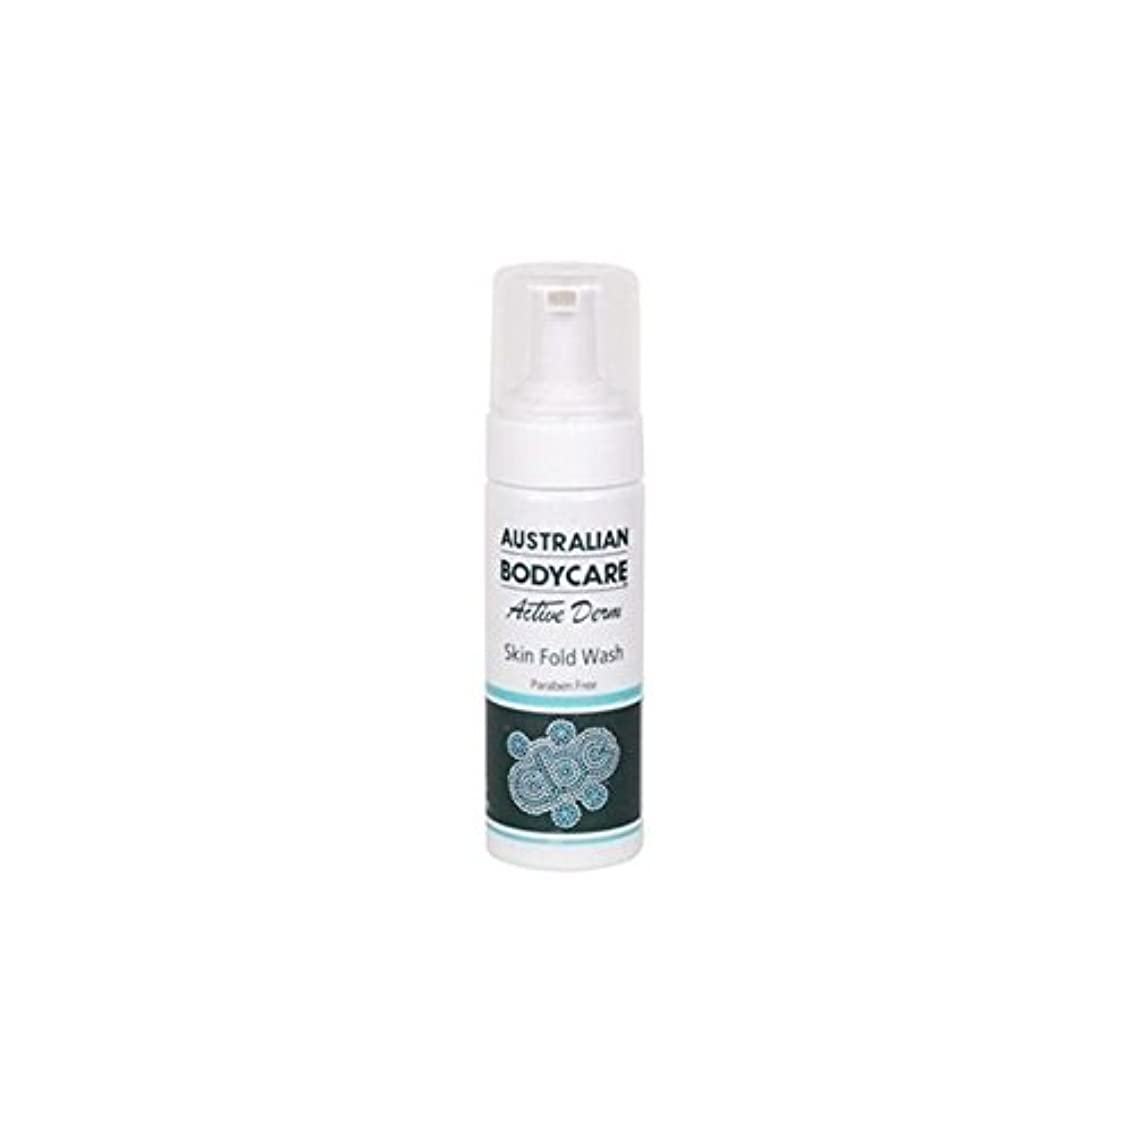 危険広告手書きAustralian Bodycare Active Derm Skin Fold Wash (150ml) - オーストラリアのボディケアアクティブダームの皮膚のひだの洗浄(150ミリリットル) [並行輸入品]